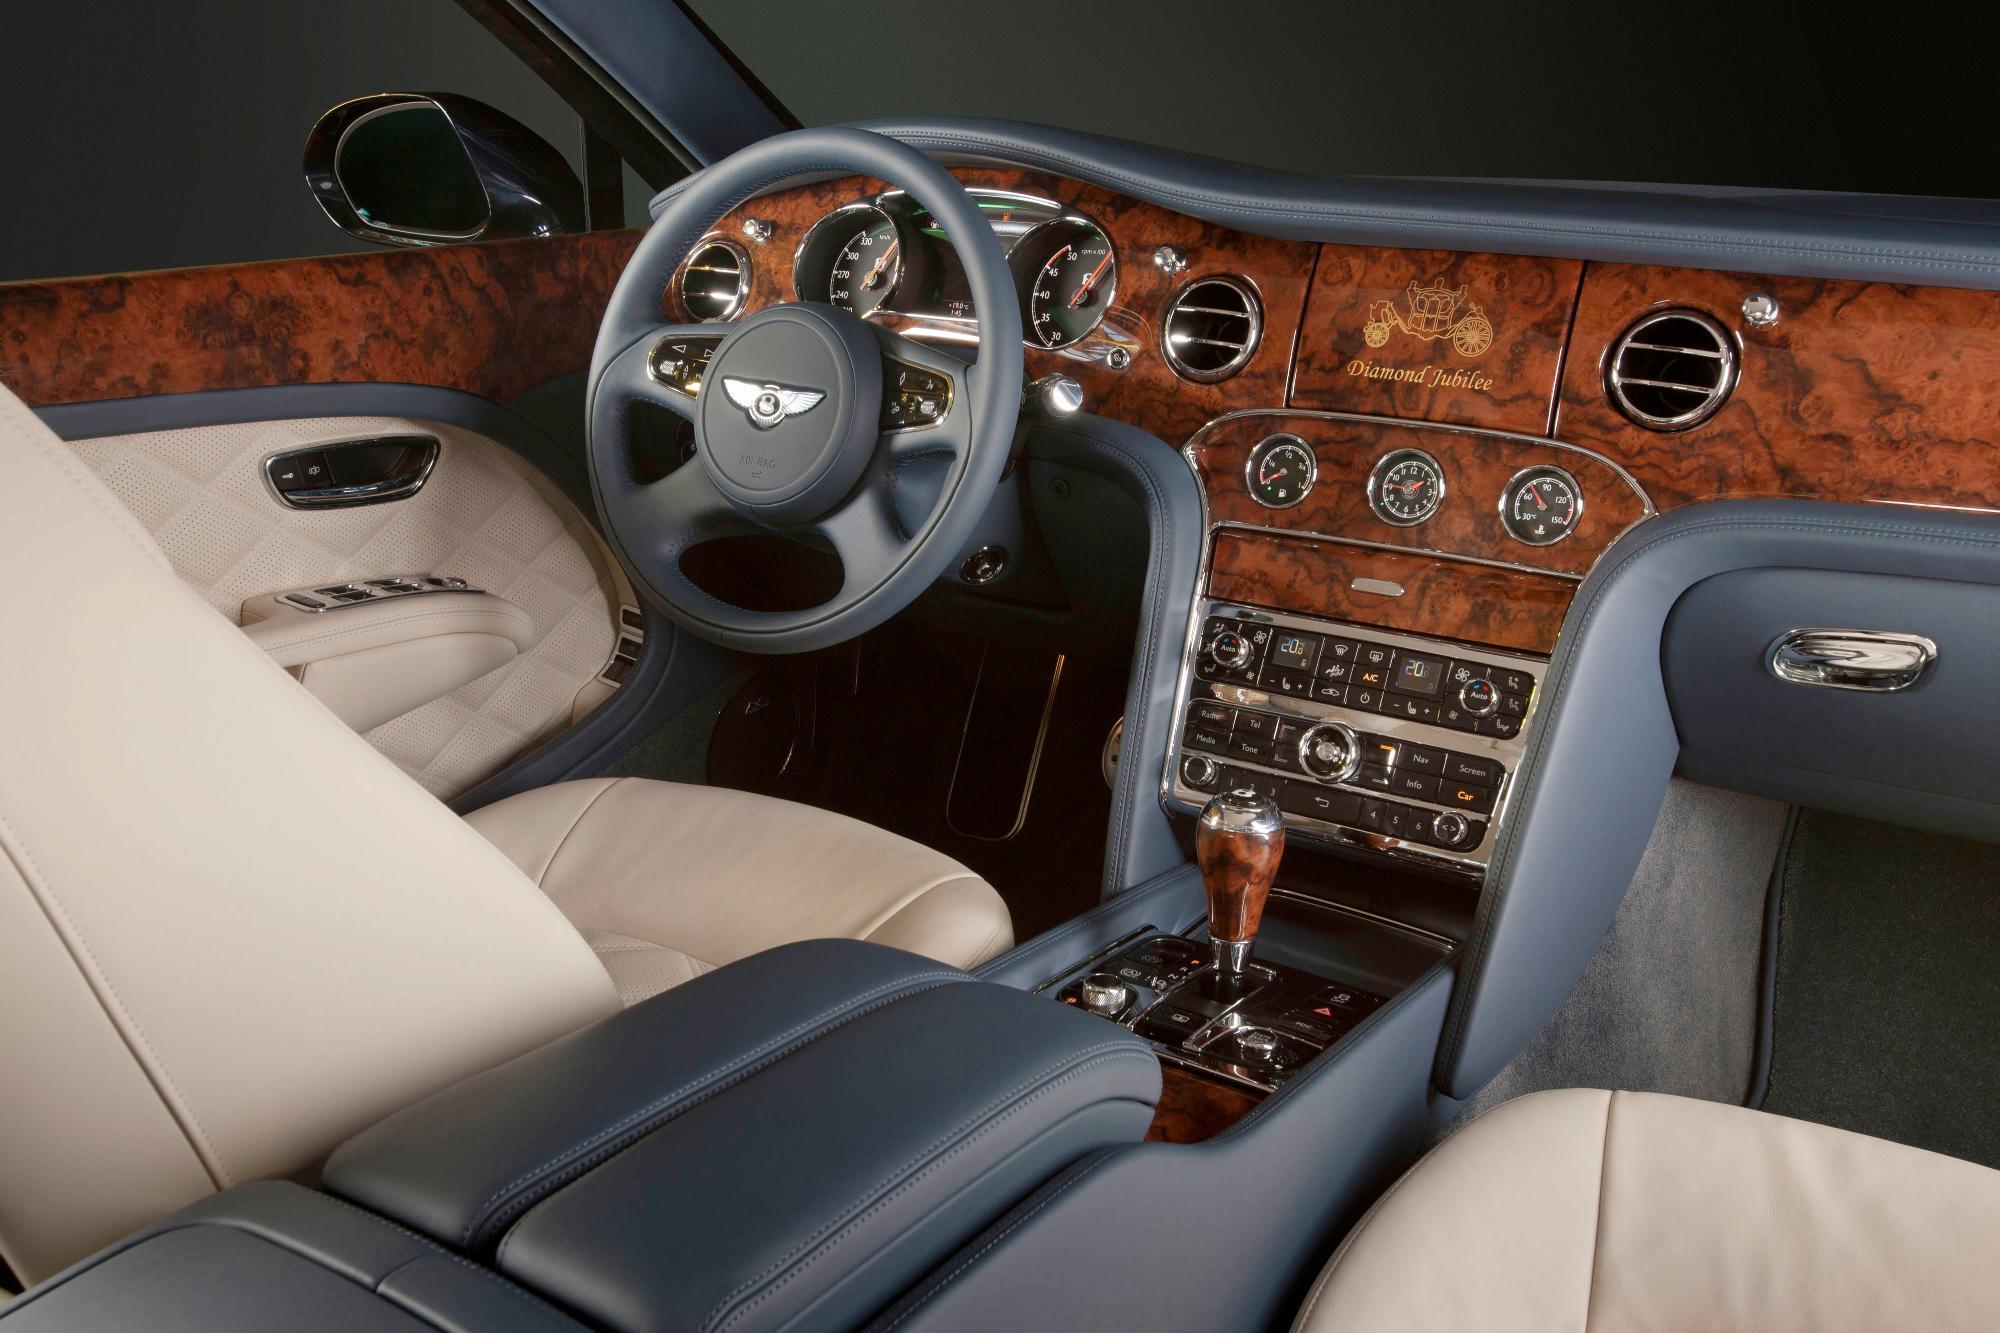 Bentley Mulsanne Diamond Jubilee Edition Steering Wheel